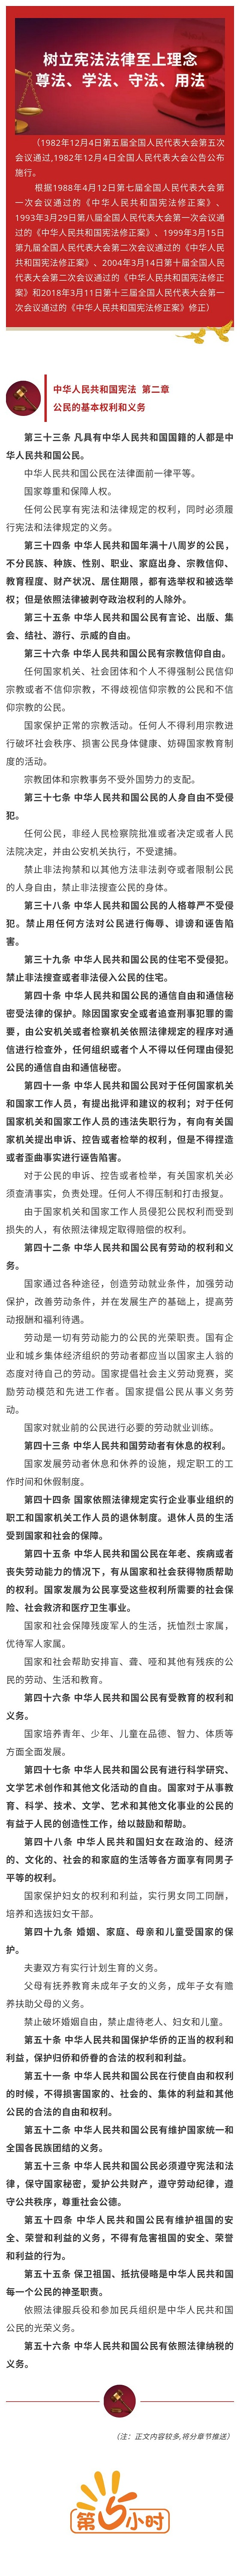 《中华人民共和国宪法》(第二章 公民的基本权利和义务).jpg